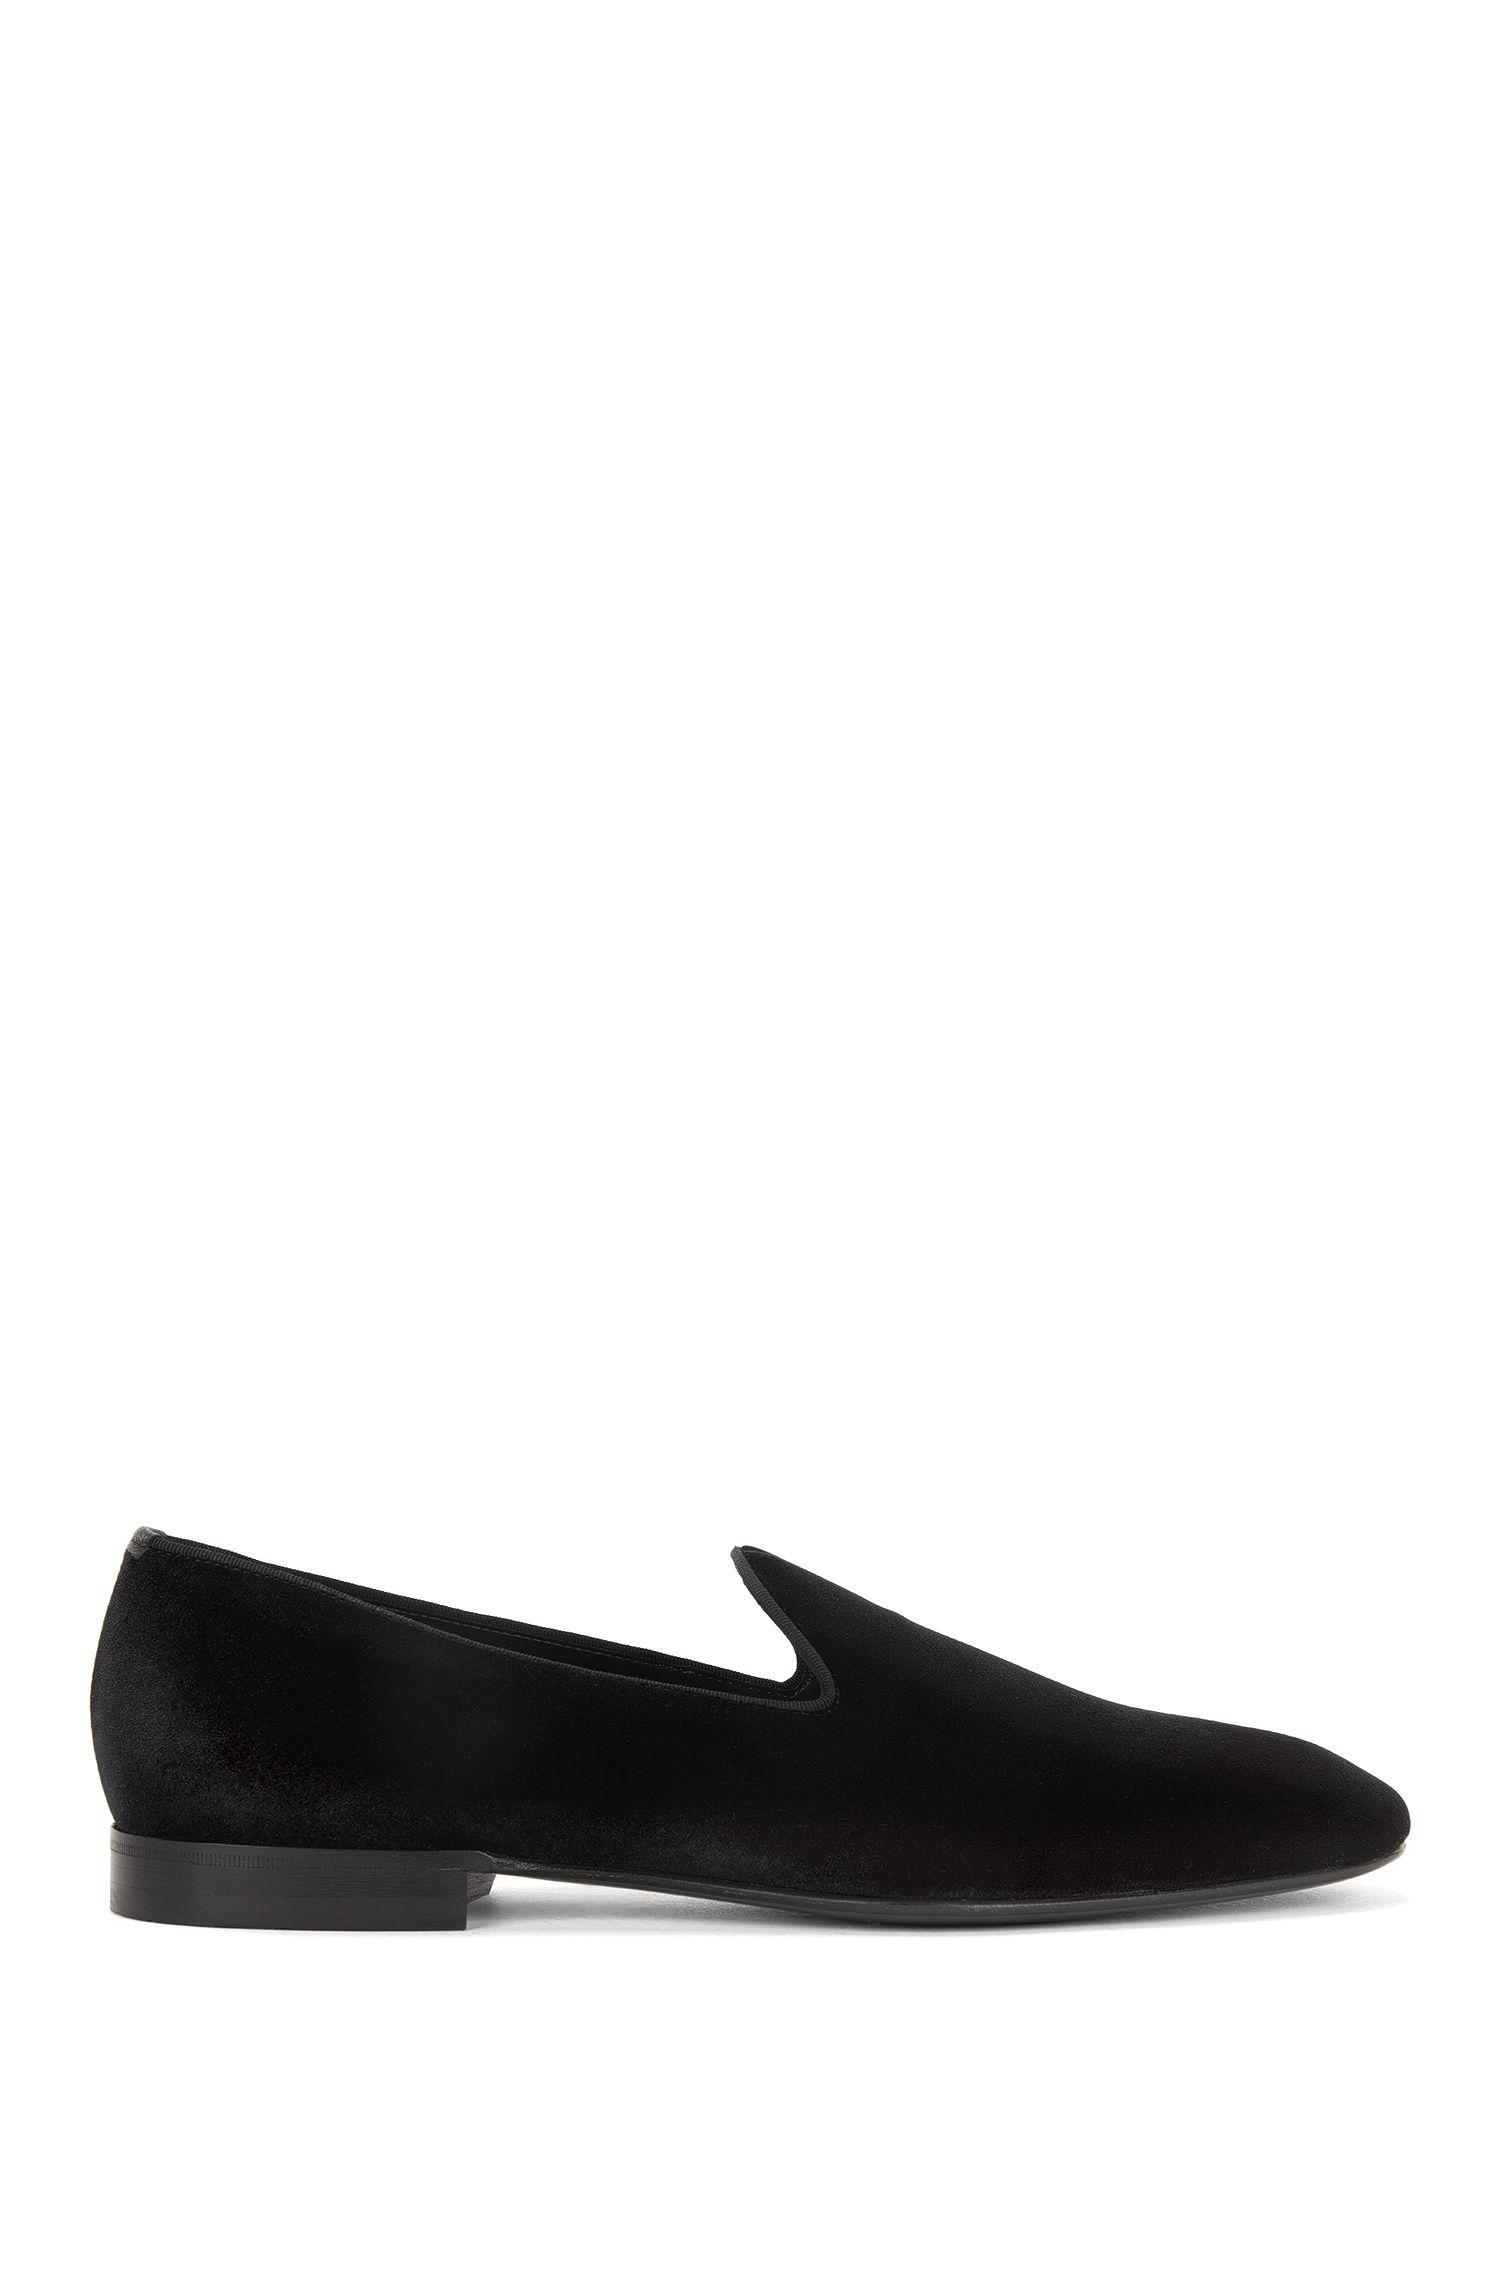 Velvet Opera Shoe | Glam